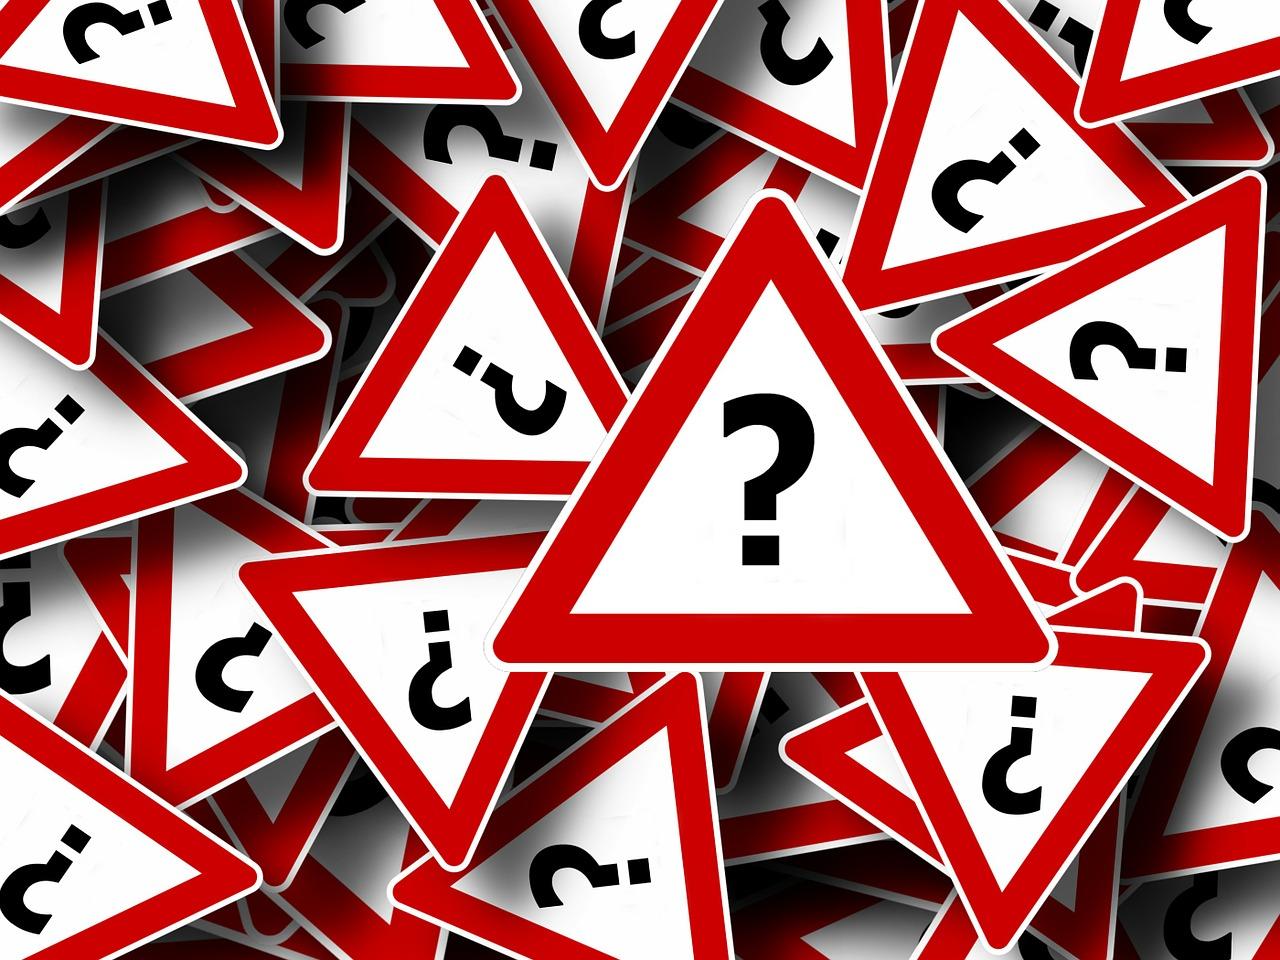 سوالات پر تکرار در مورد قفل کارتی درب